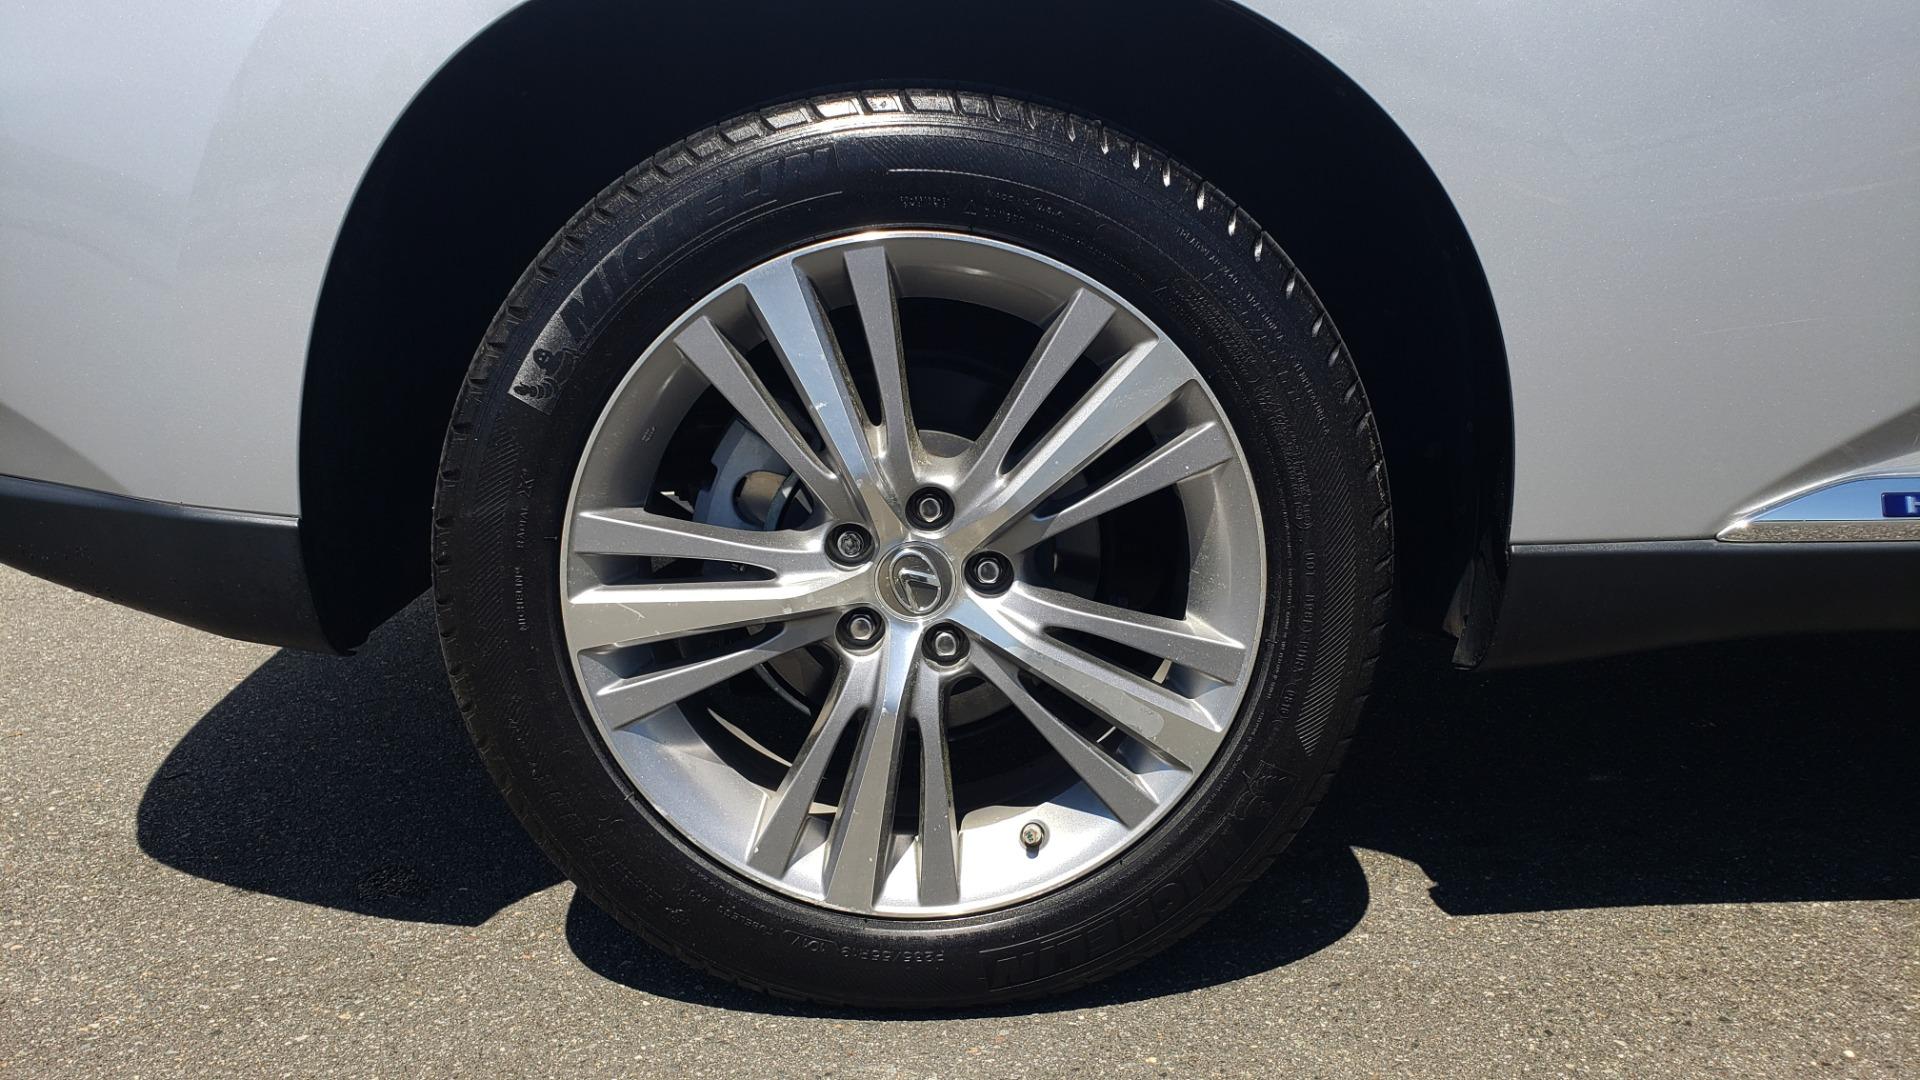 Used 2015 Lexus RX 450H AWD / PREM PKG / NAV / PARK ASST / HUD / BLIND SPOT MONITOR for sale Sold at Formula Imports in Charlotte NC 28227 85